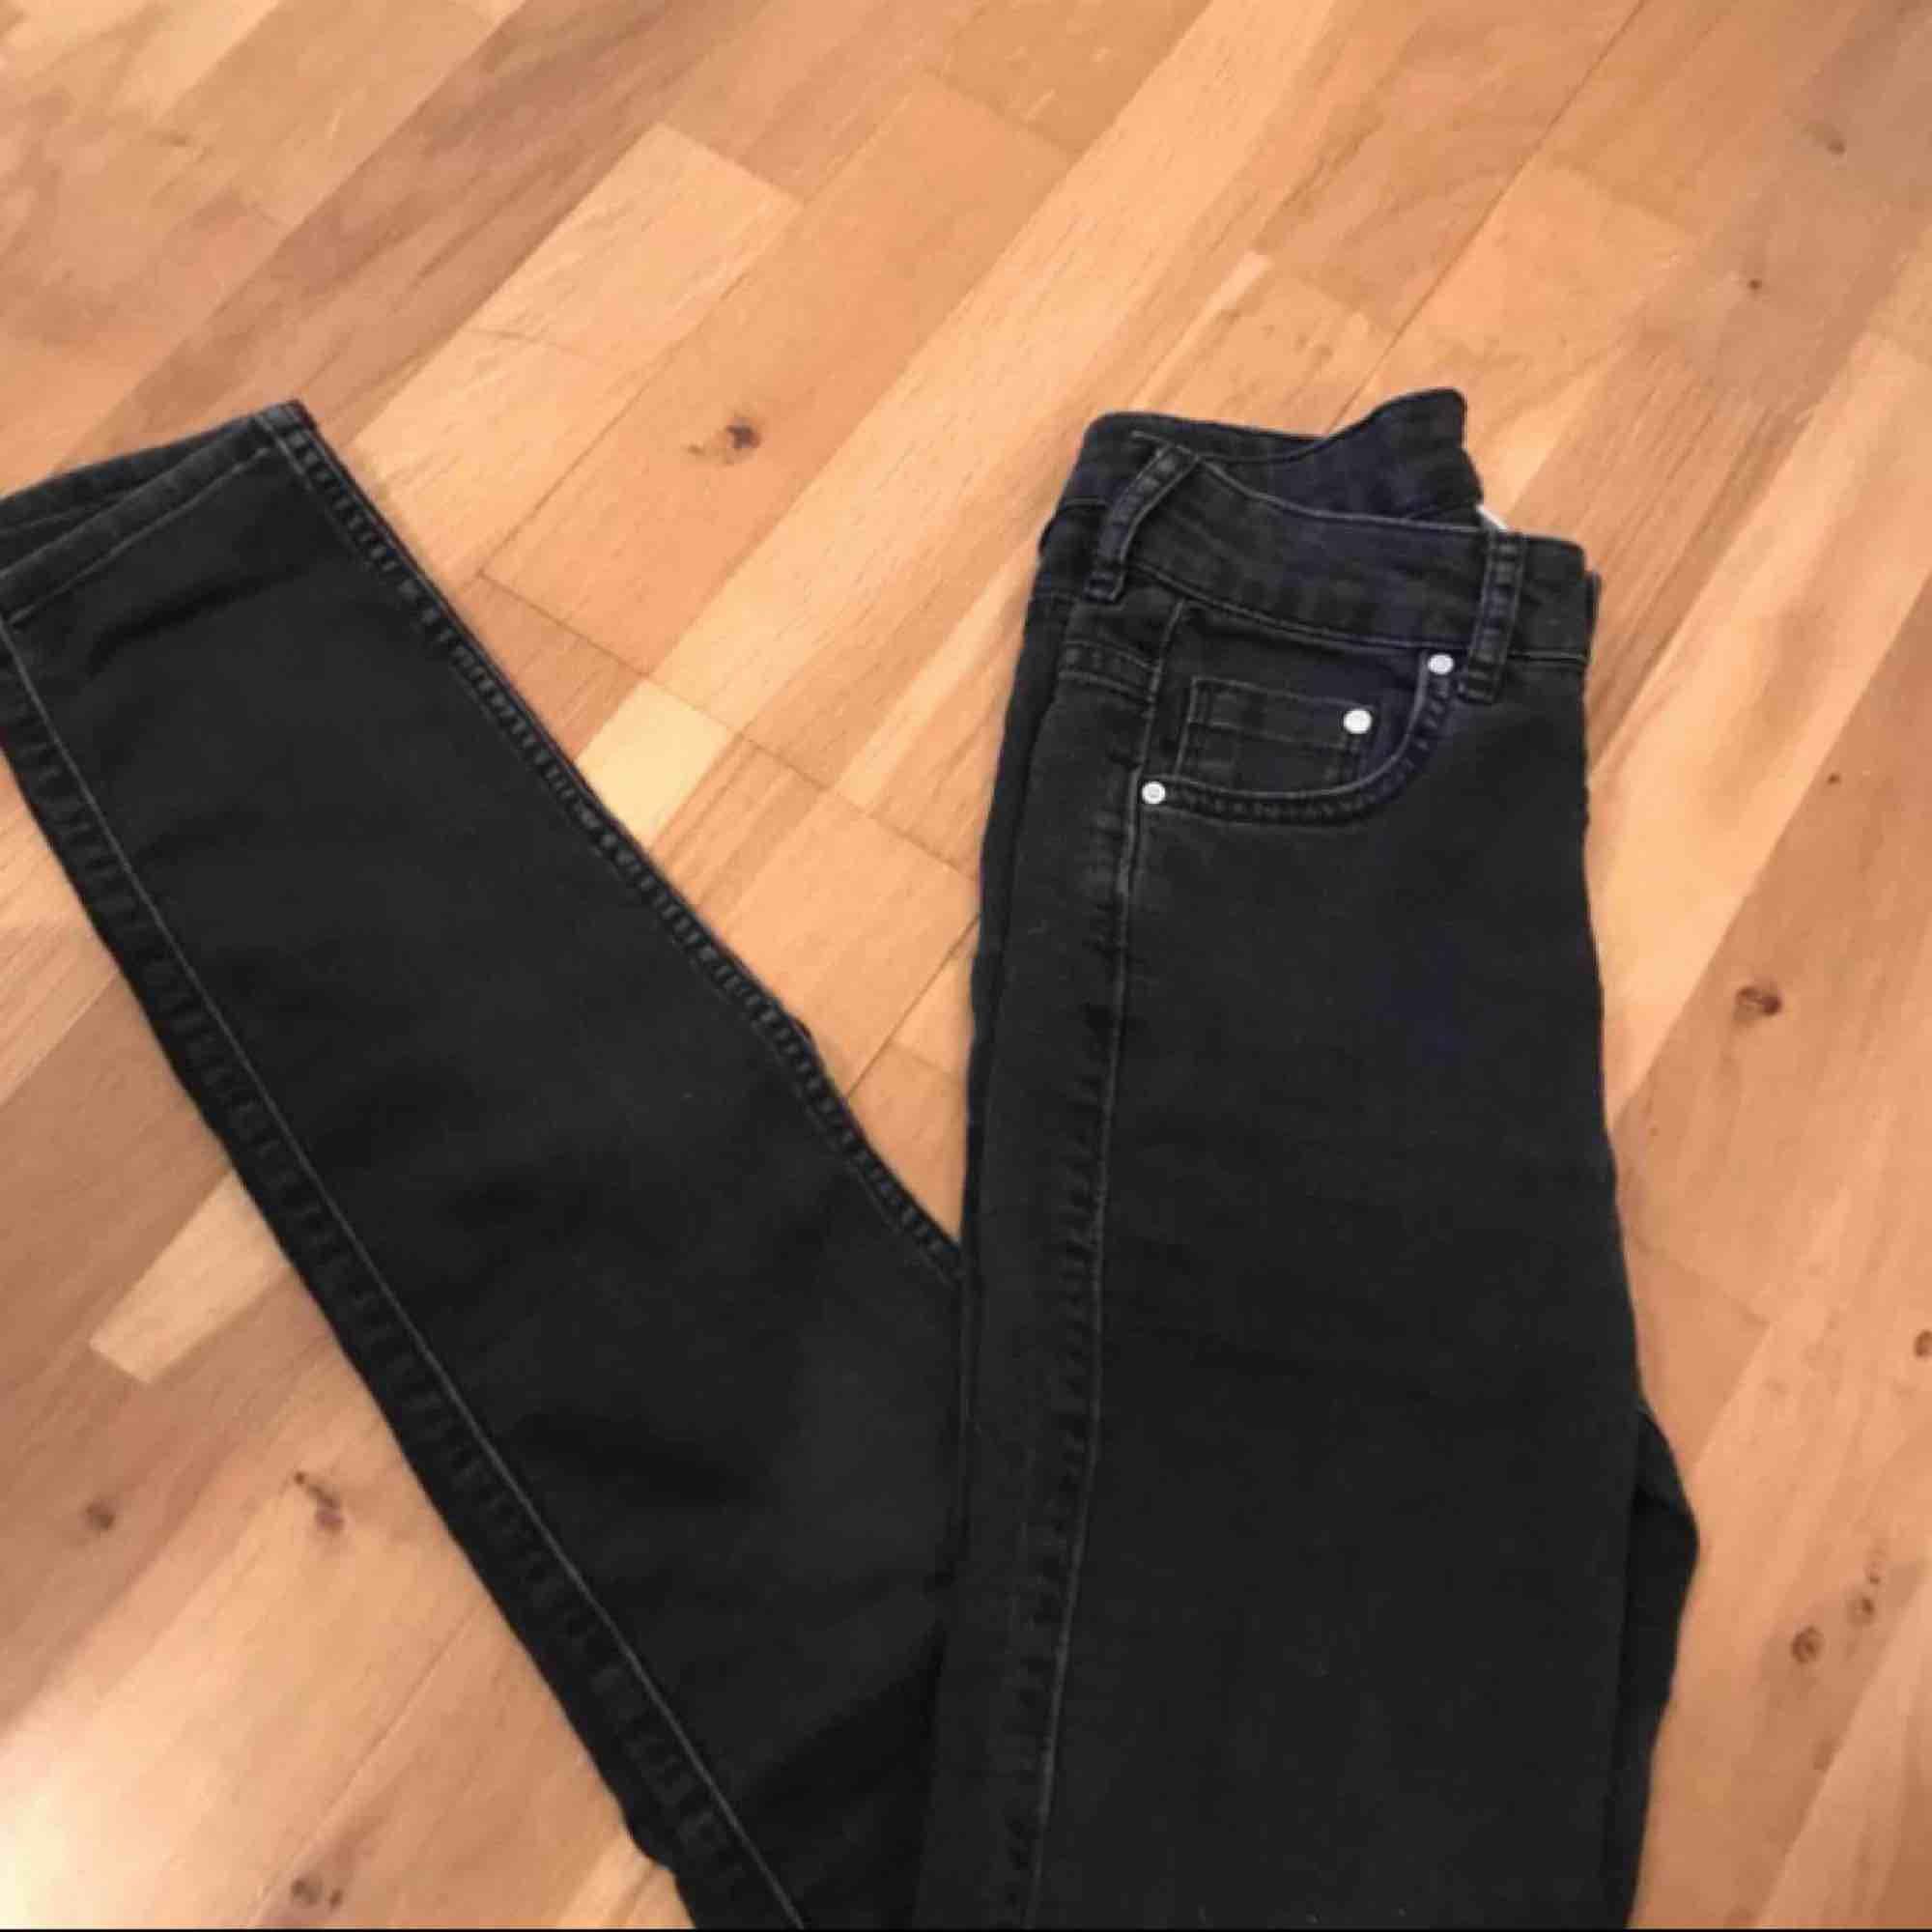 Nypris: 399kr Mitt pris: 125kr + frakt. (Pris kan diskuteras) Jätte fina jeans från H&M. Byxorna är i en svart urtvättad färg. Säljer pga att dom är för små i midjan🥰 (Inte mina bilder så skriv privat om du vill ha mina bilder❤️). Jeans & Byxor.